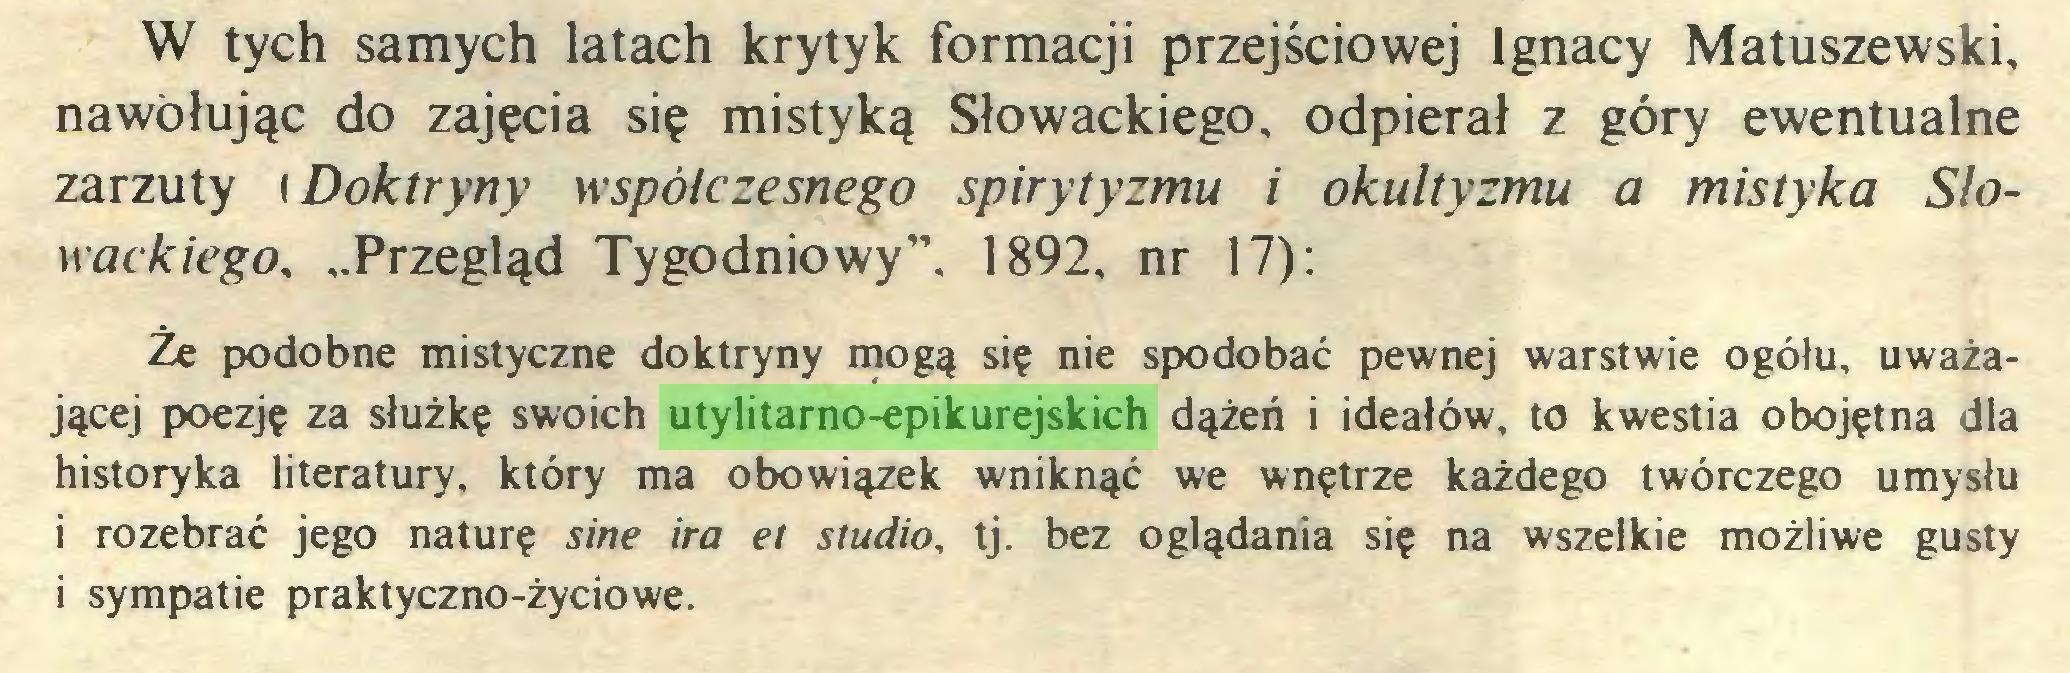 """(...) W tych samych latach krytyk formacji przejściowej Ignacy Matuszewski, nawołując do zajęcia się mistyką Słowackiego, odpierał z góry ewentualne zarzuty iDoktryny współczesnego spirytyzmu i okultyzmu a mistyka Słowackiego, """"Przegląd Tygodniowy"""", 1892, nr 17): Ze podobne mistyczne doktryny mogą się nie spodobać pewnej warstwie ogółu, uważającej poezję za służkę swoich utylitarno-epikurejskich dążeń i ideałów, to kwestia obojętna dla historyka literatury, który ma obowiązek wniknąć we wnętrze każdego twórczego umysłu 1 rozebrać jego naturę sine ira et studio, tj. bez oglądania się na wszelkie możliwe gusty i sympatie praktyczno-życiowe..."""